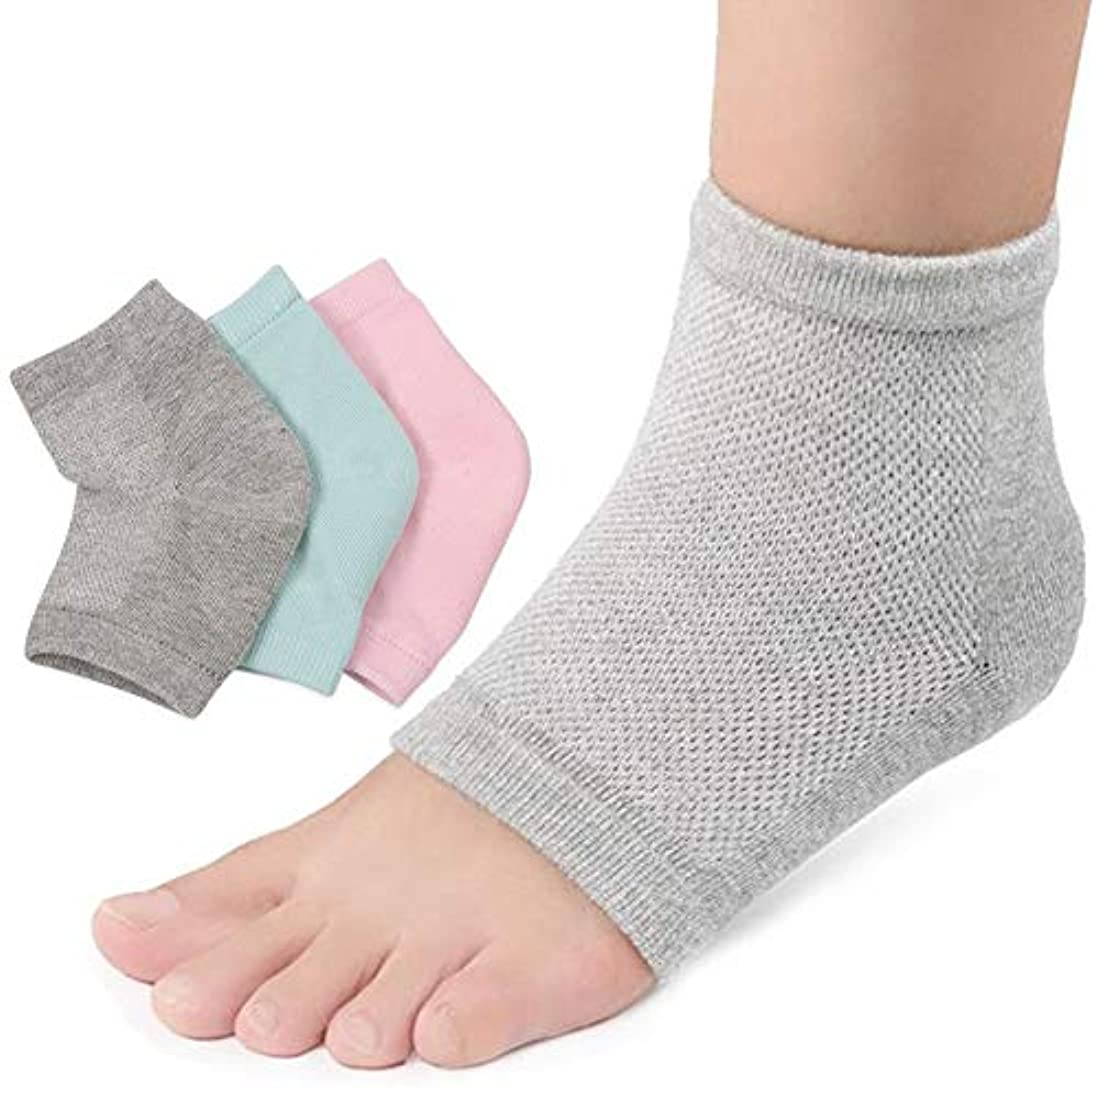 そっと飼い慣らす肥沃な3足セットかかと 靴下 かかとケア つるつる ジェル 靴下 角質 ケア 保湿 美容 角質除去足ケア 男女兼用